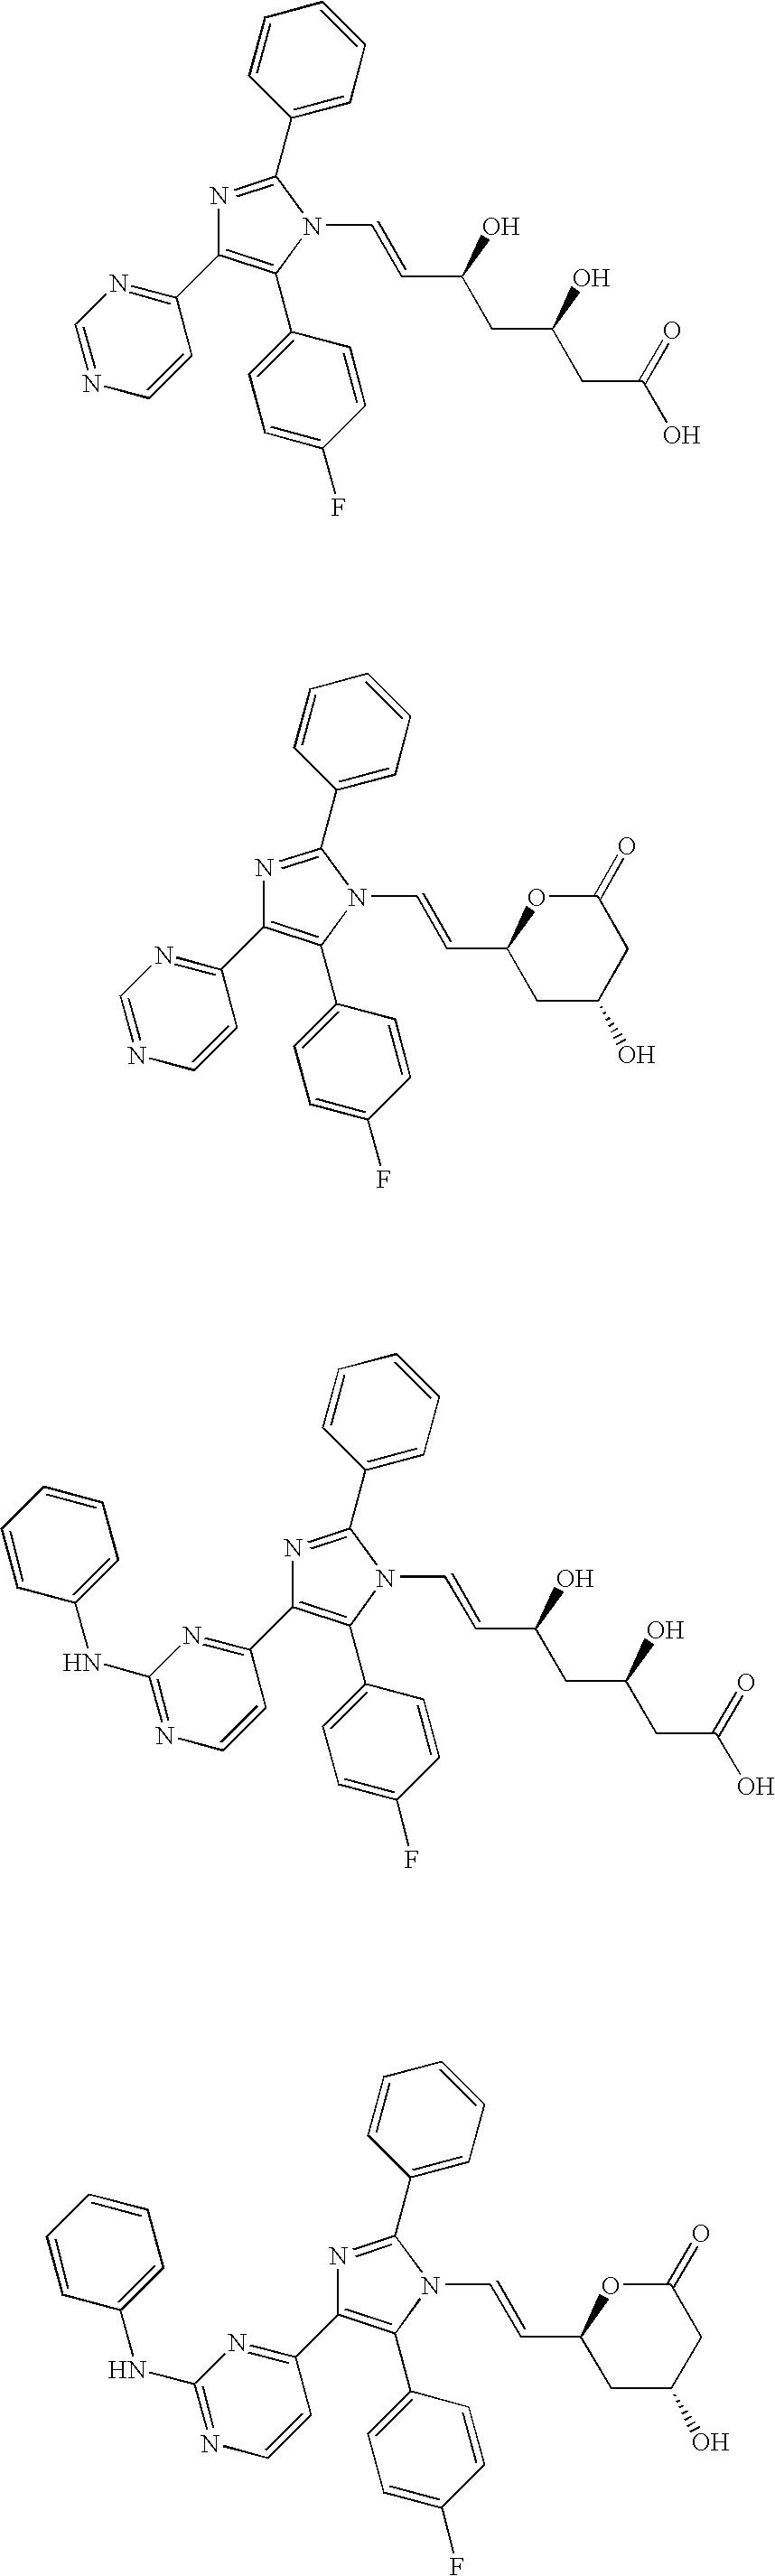 Figure US20050261354A1-20051124-C00068